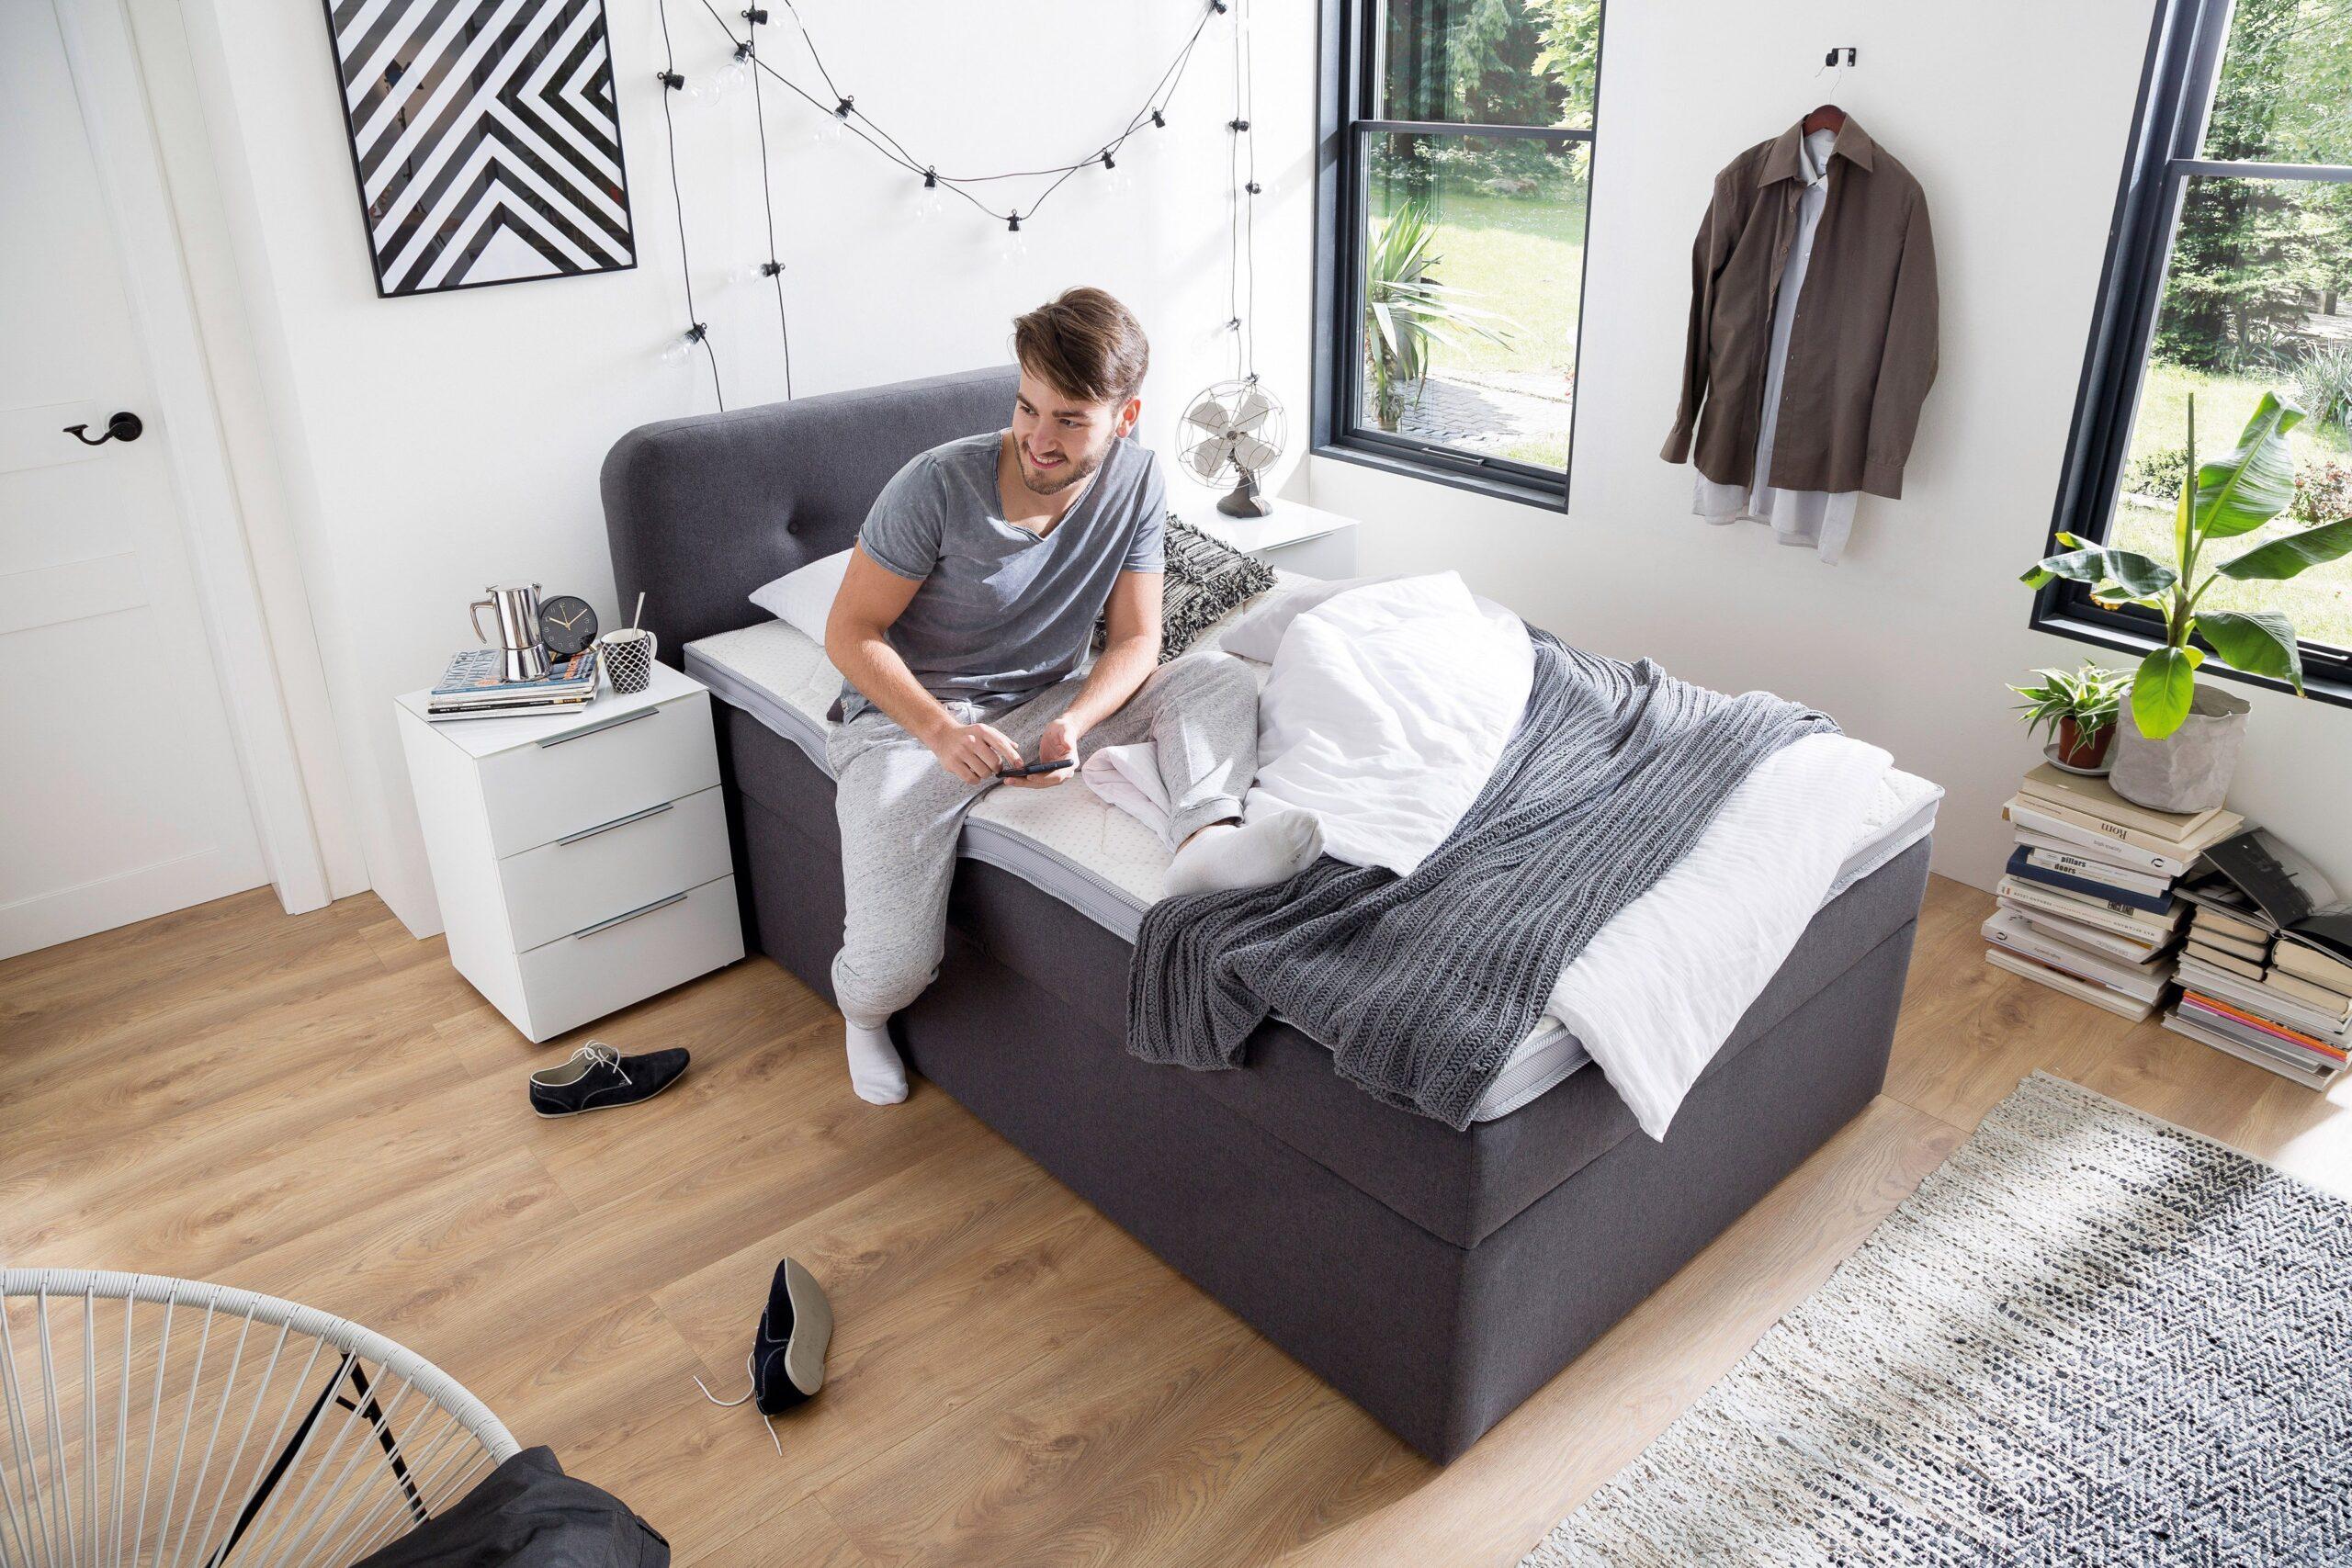 Full Size of Bett 120x200 Mit Bettkasten Betten Matratze Und Lattenrost Weiß Wohnzimmer Stauraumbett Funktionsbett 120x200